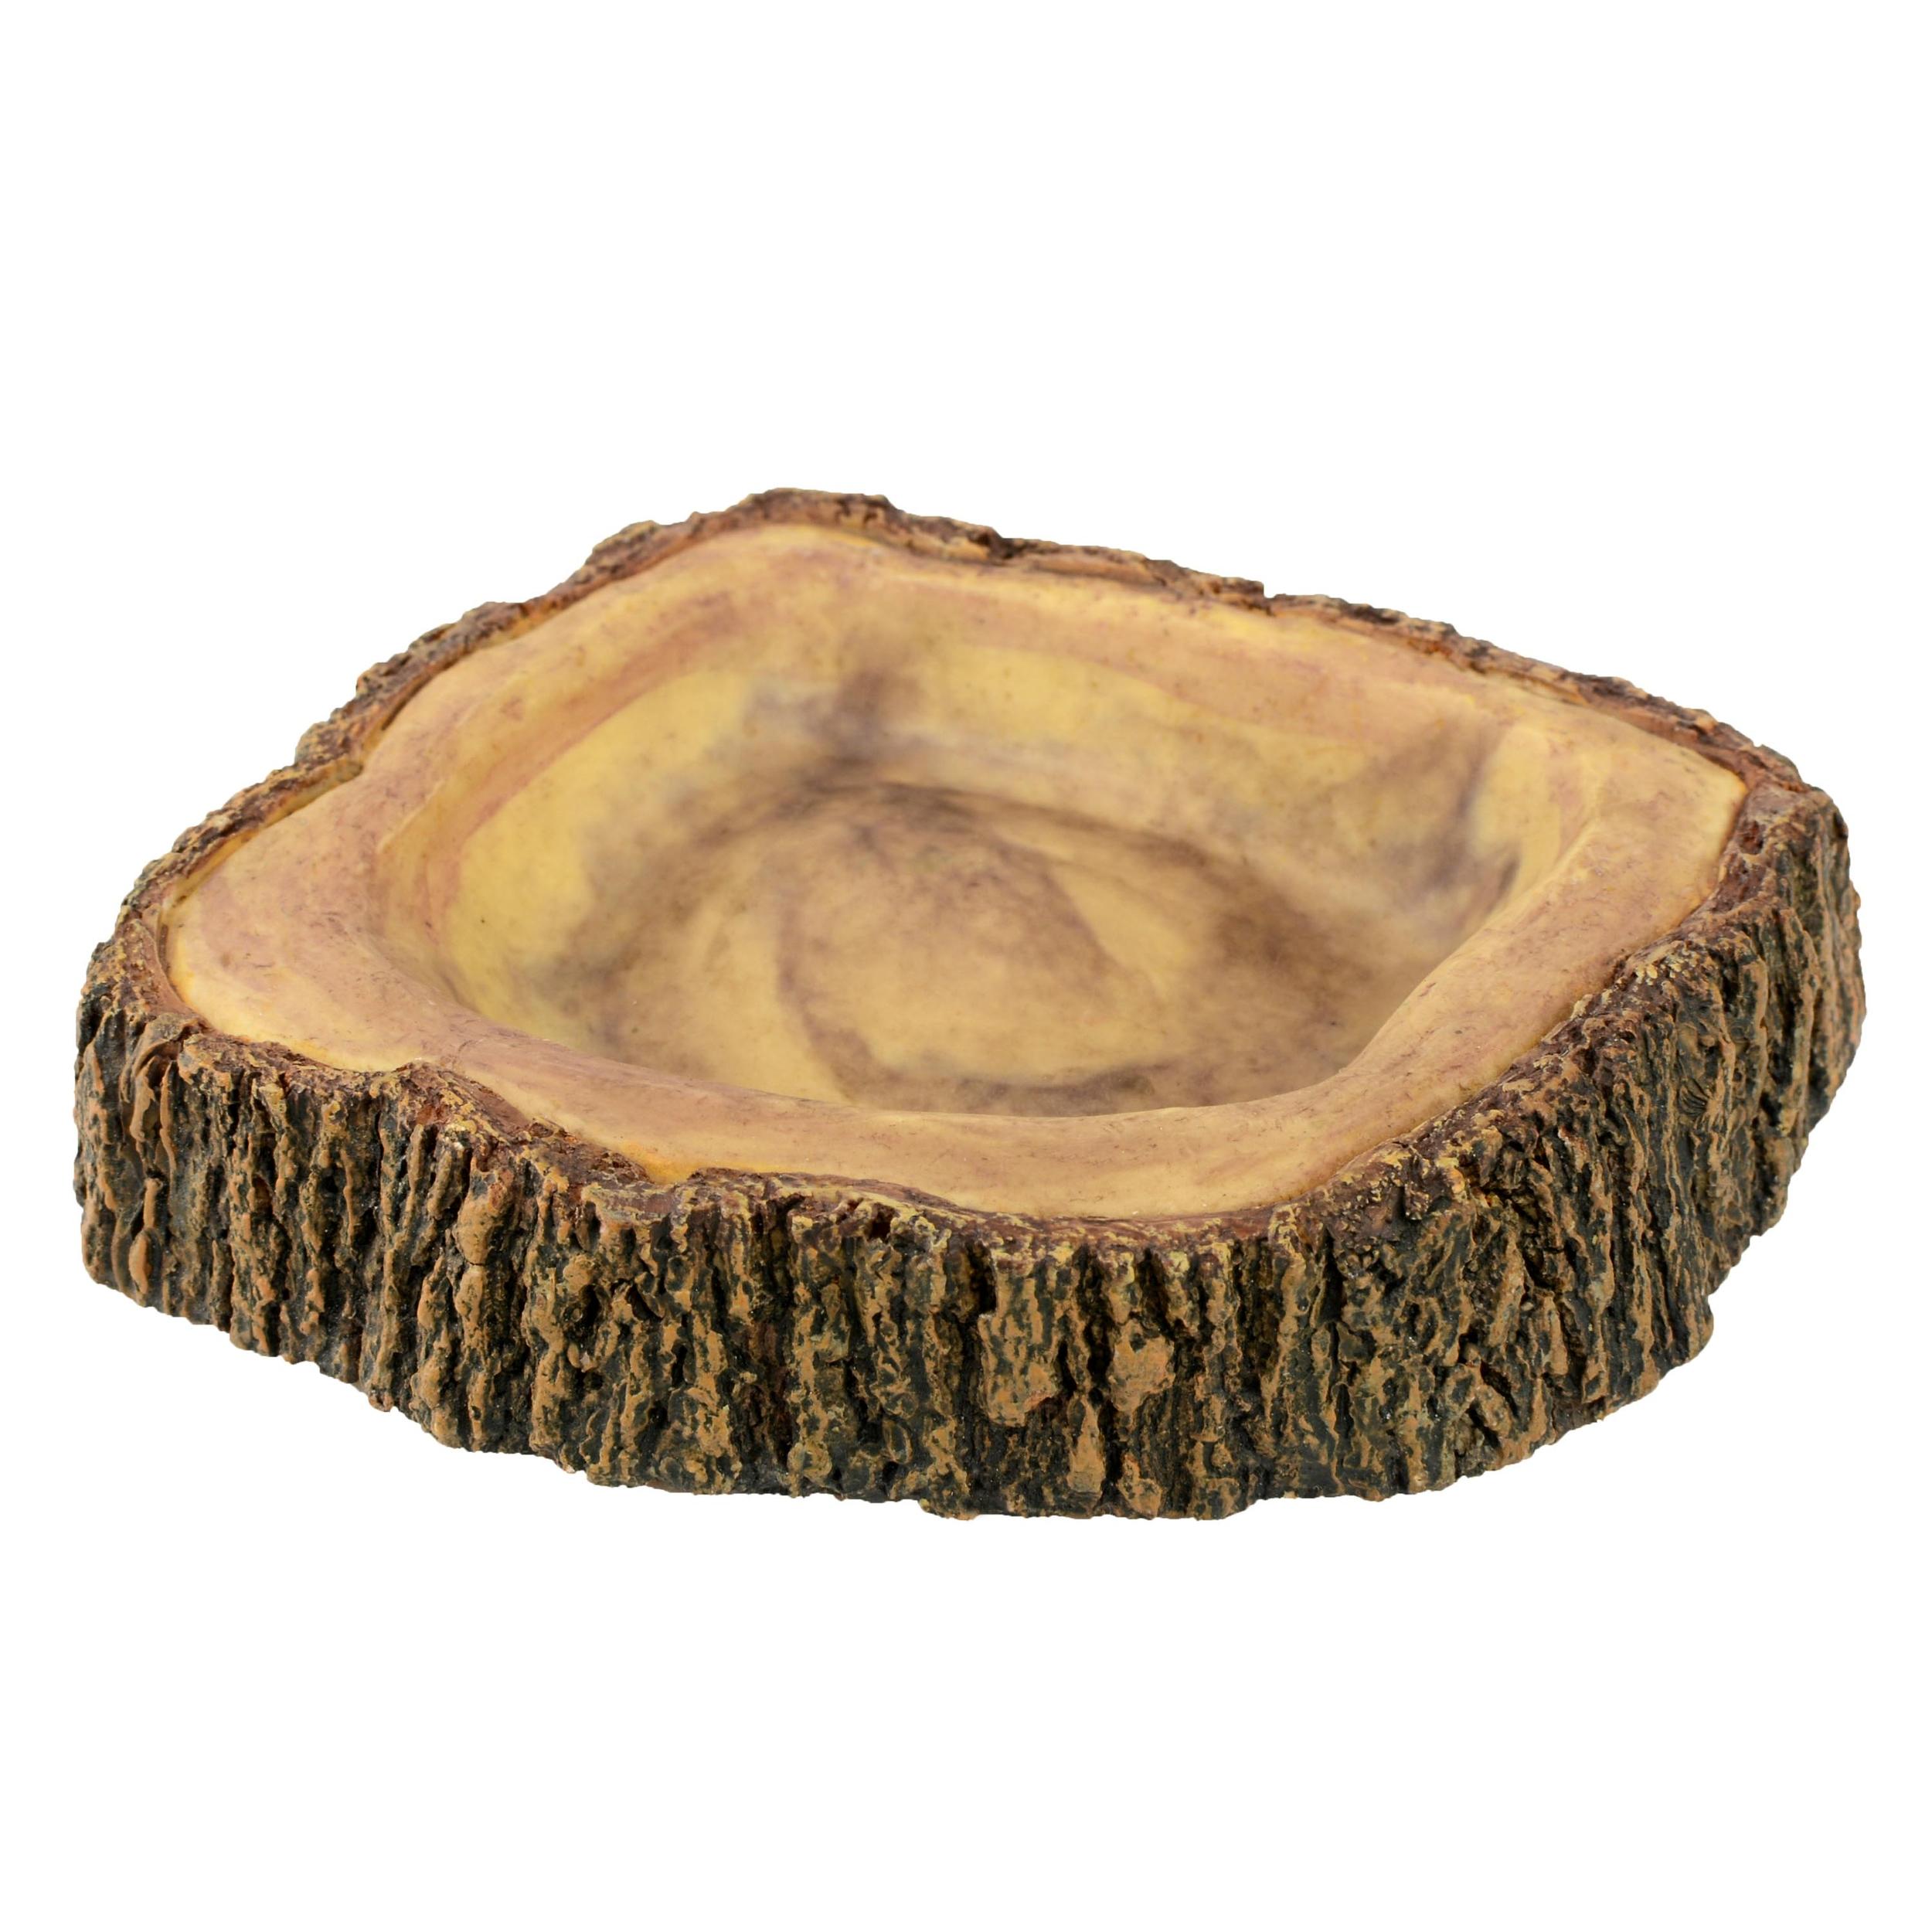 AQUAVIE Terra Abreuvoir Bois pour terrarium 11,8 x 9,2 x 2,5 cm